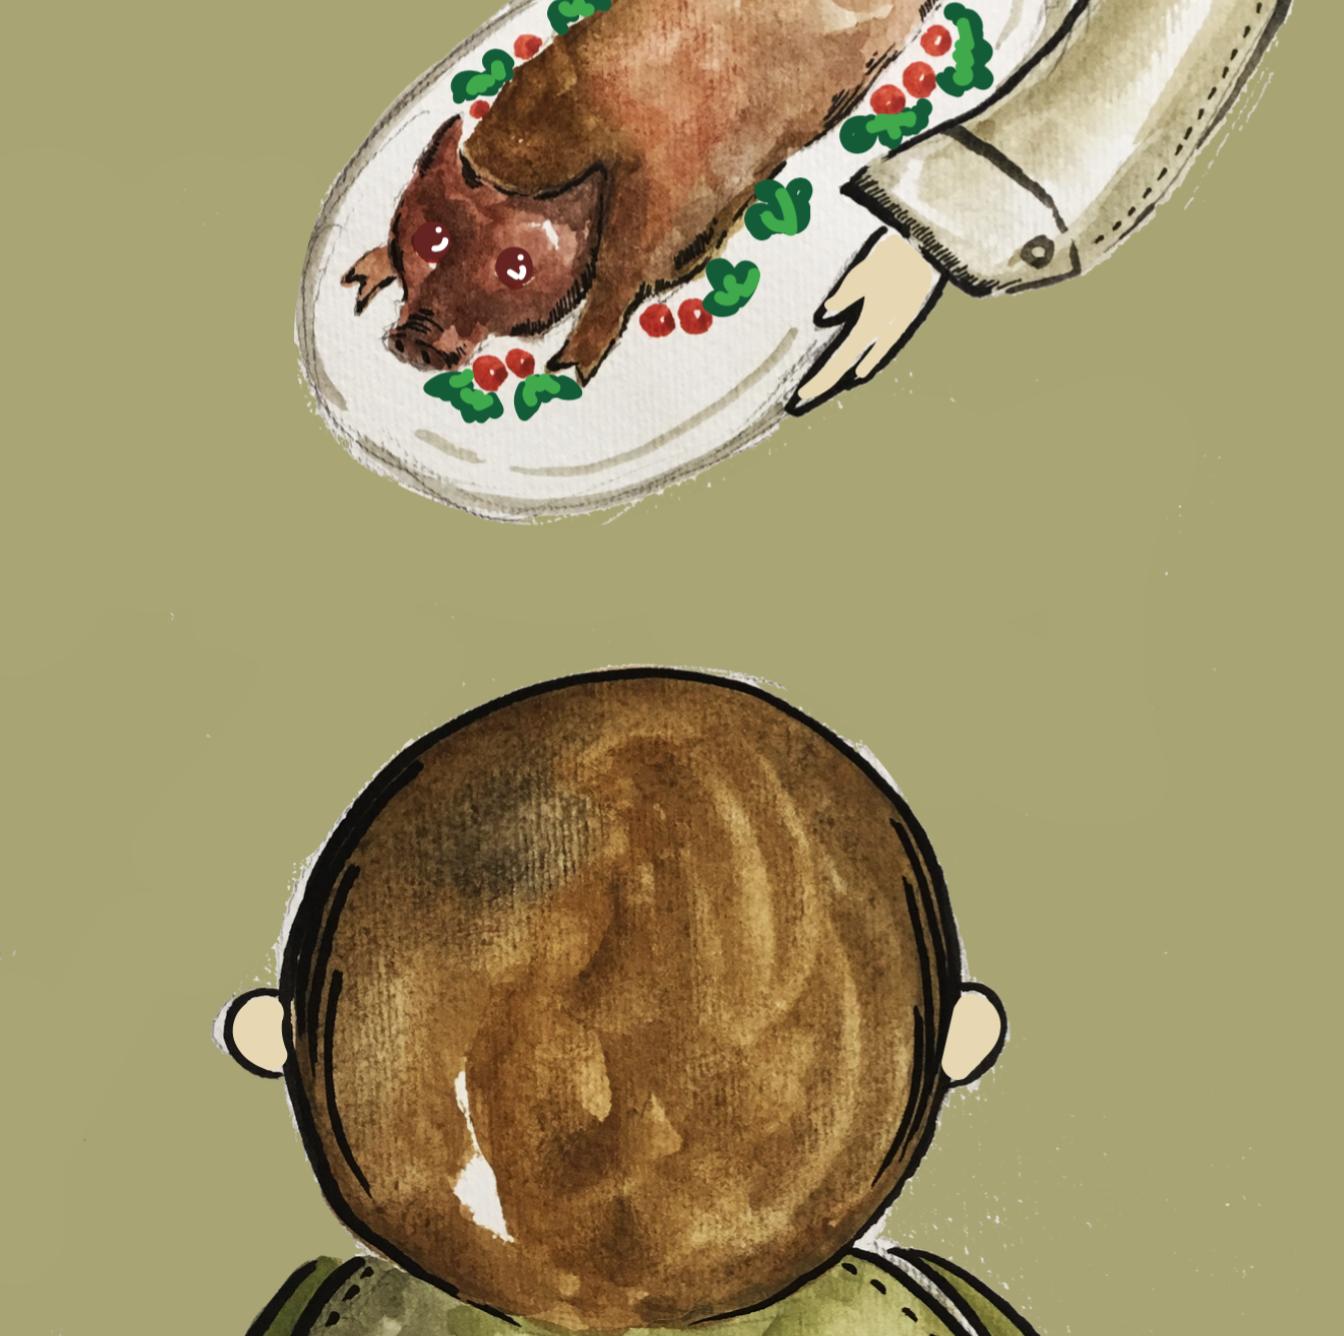 有讀者表示寶寶與乳豬對望的插圖夠發人深省。Canace憶述,「某位家長曾向我說,假如沒有強調這個畫面,他是不會回想到自己一直當乳豬只是『一碟嘢』。」